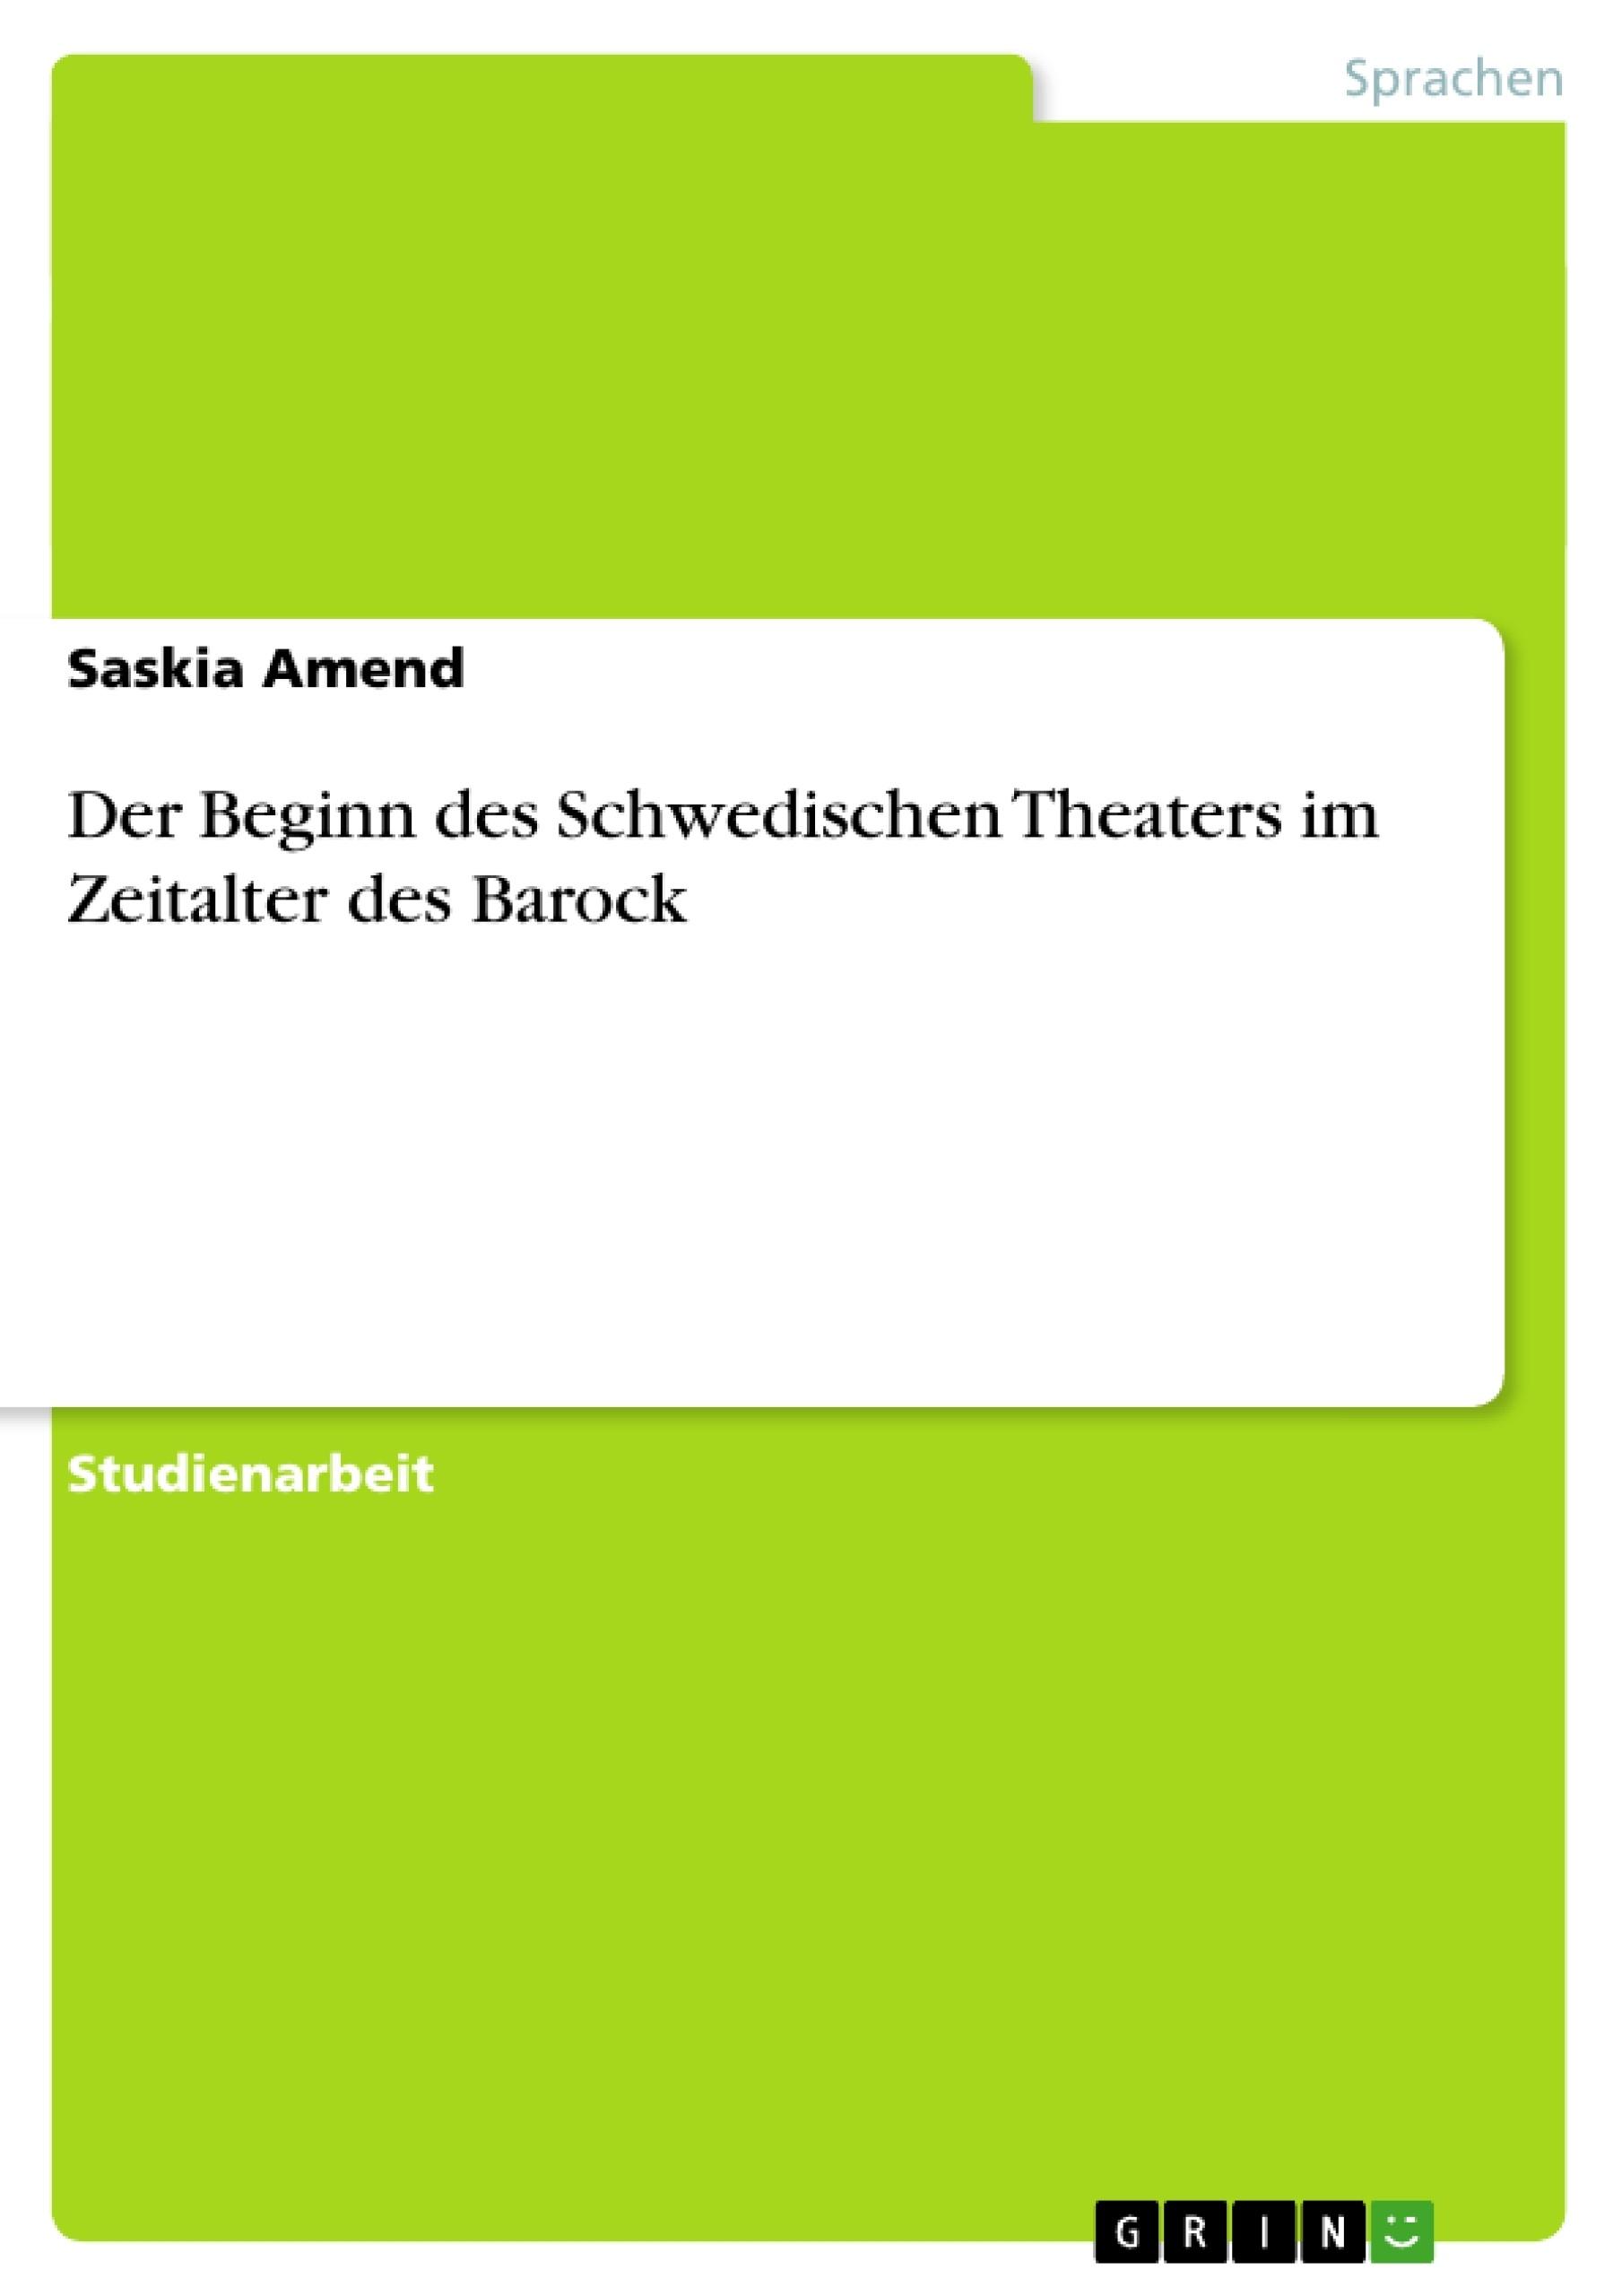 Titel: Der Beginn des Schwedischen Theaters im Zeitalter des Barock